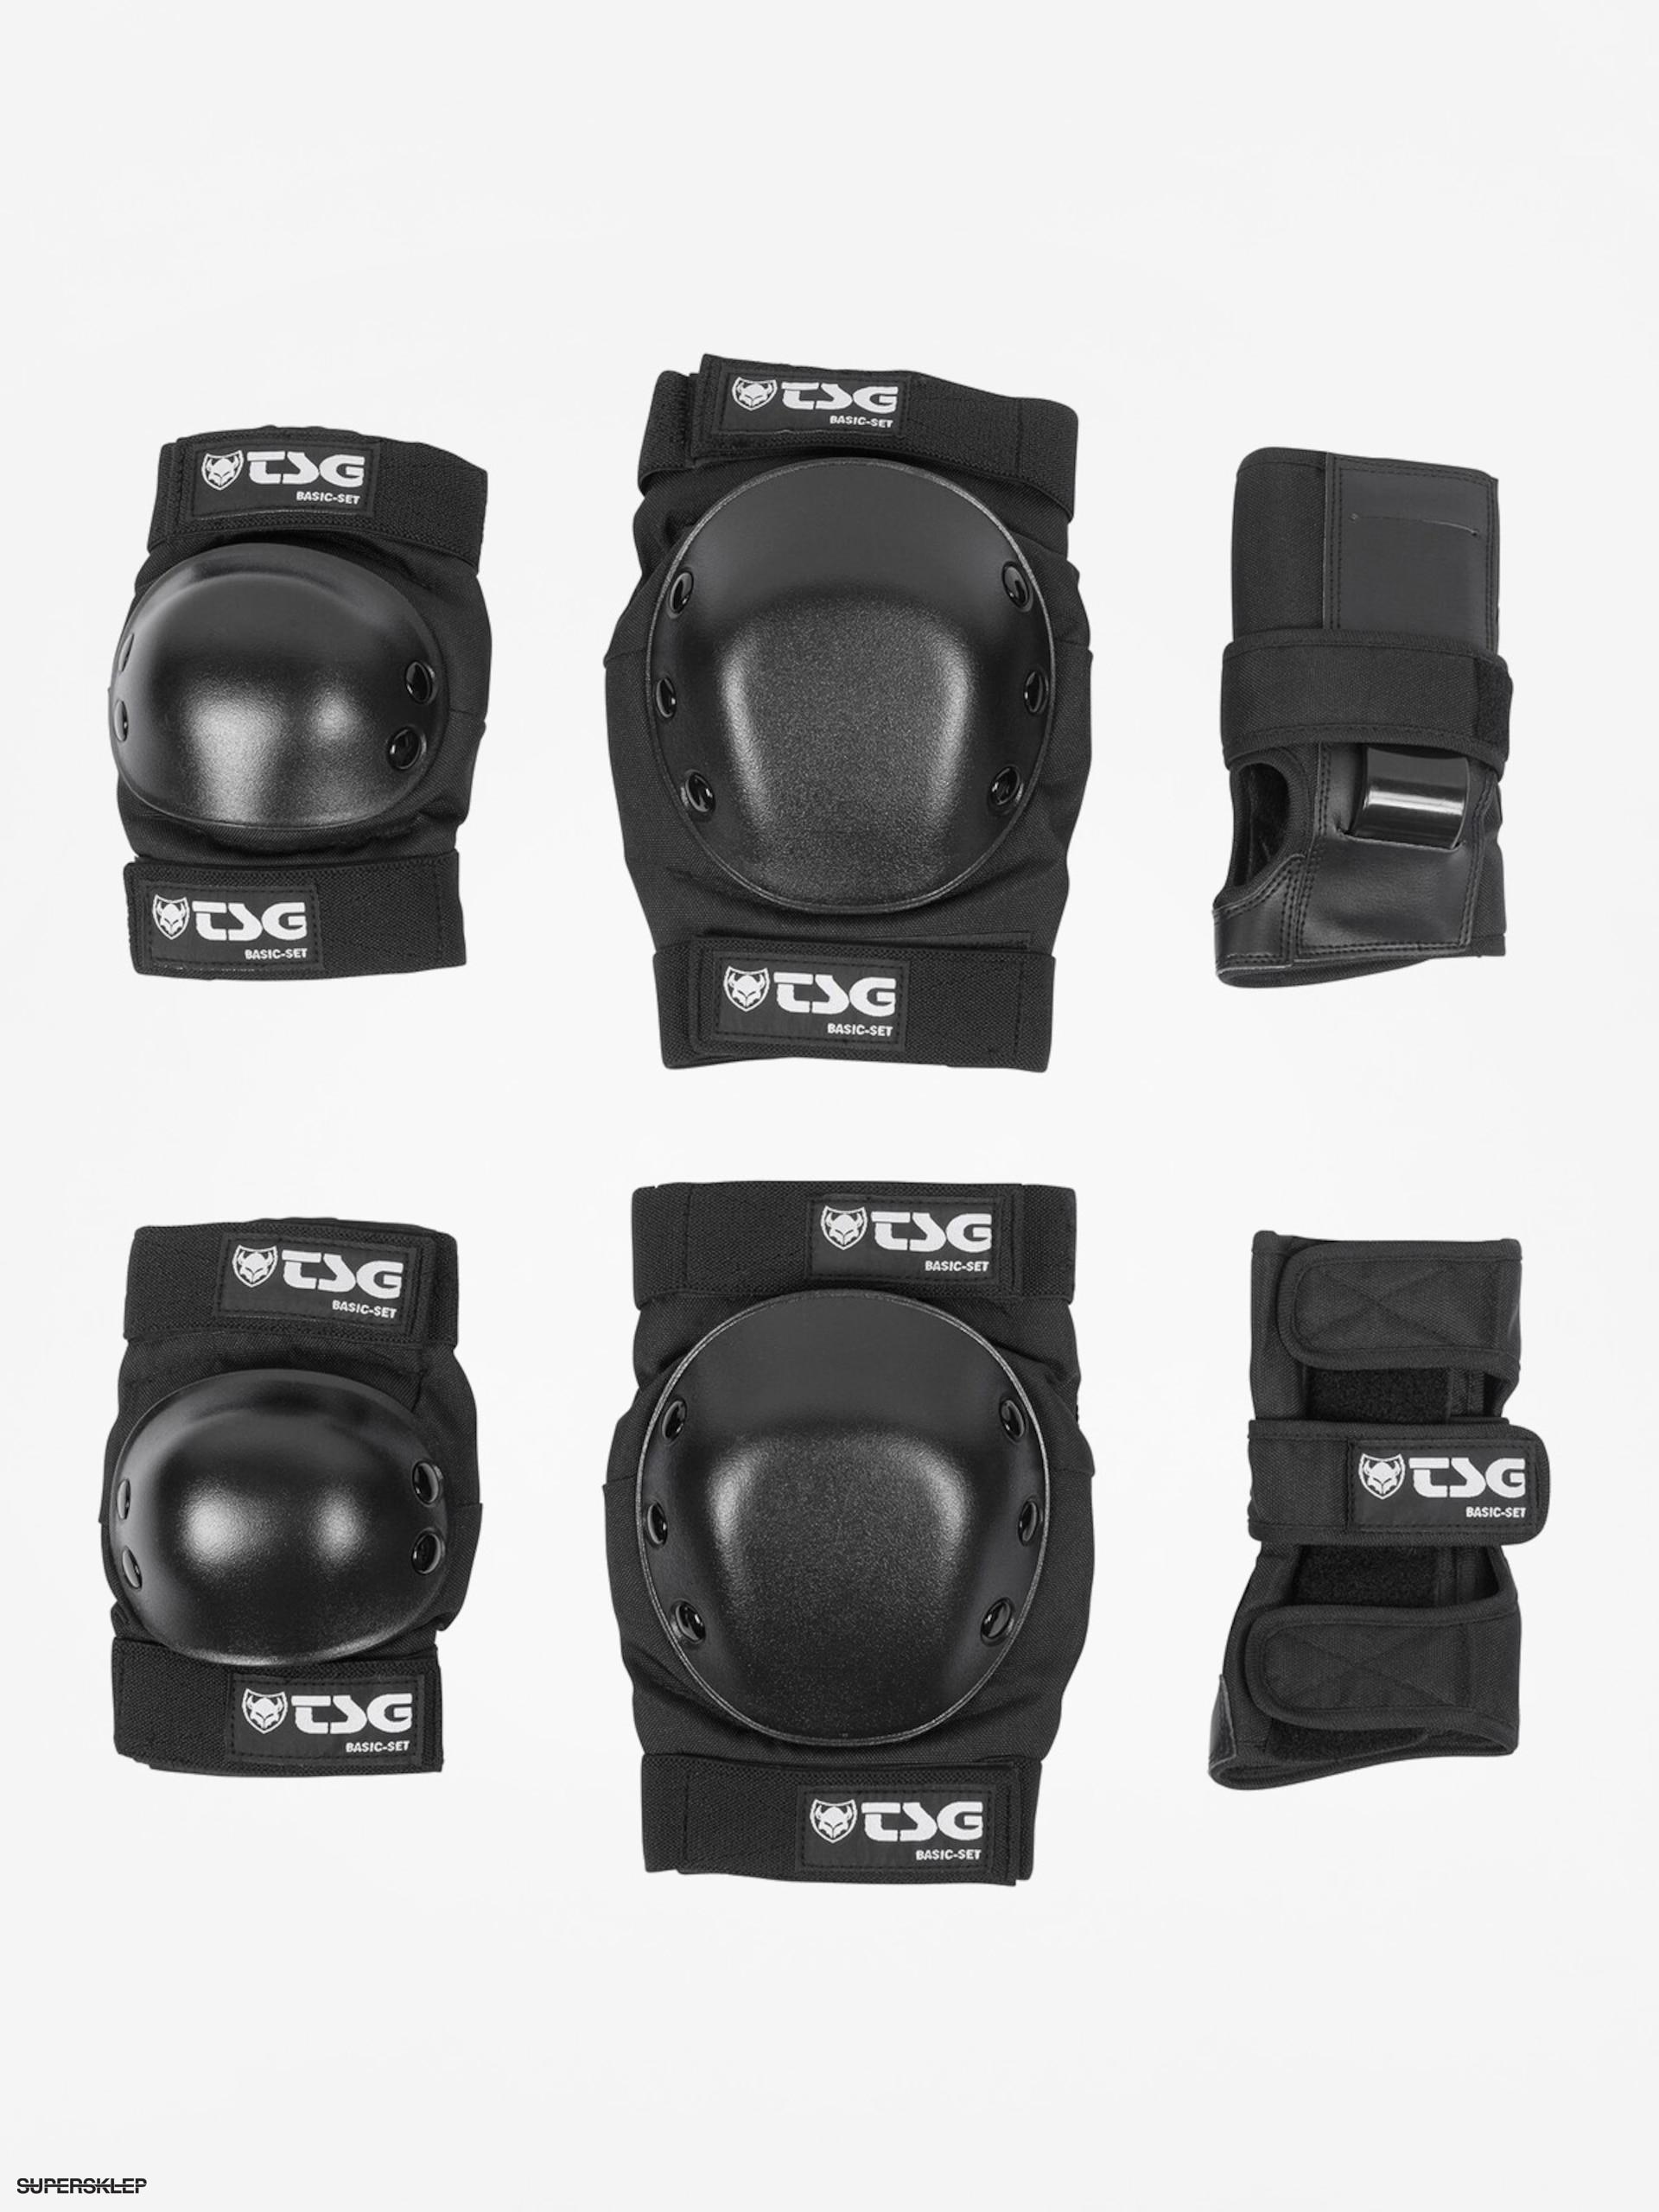 Ochraniacze TSG Basic Set